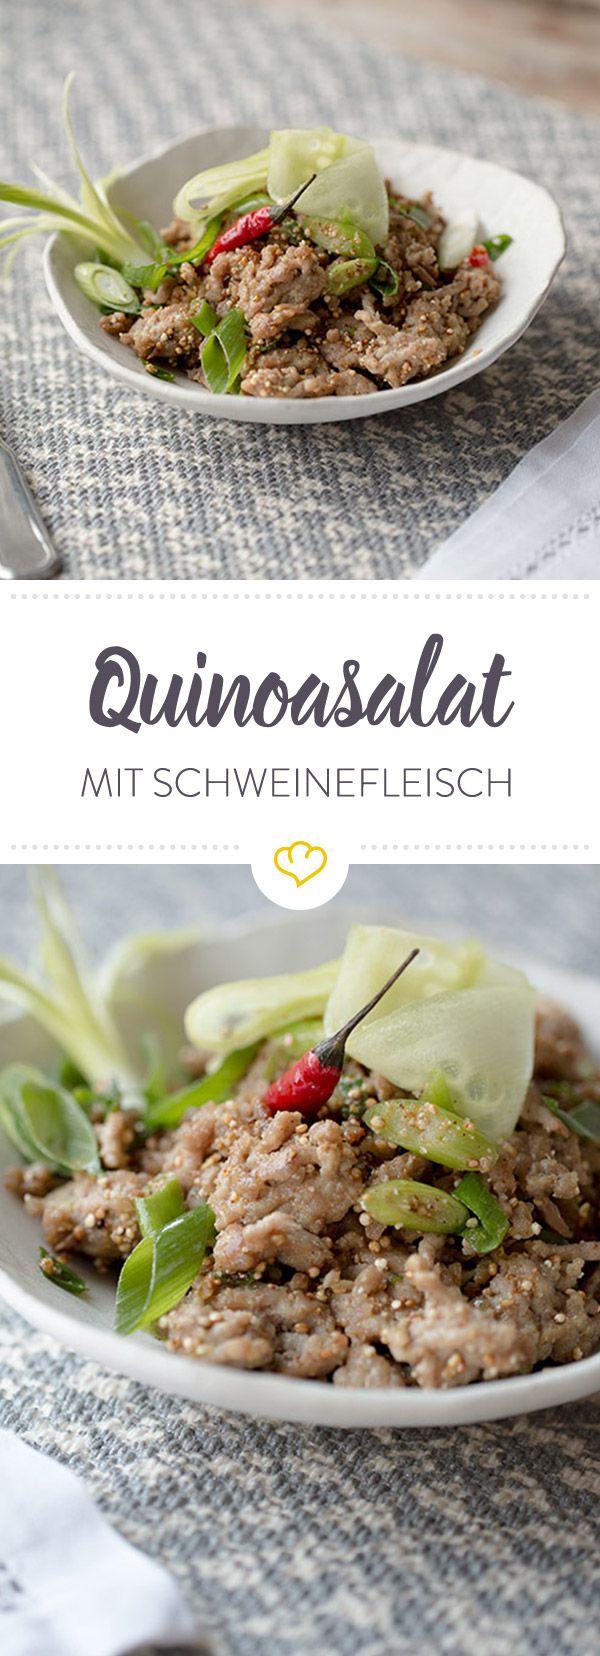 schnelle gerichte quinoa gesundes essen und rezepte foto blog. Black Bedroom Furniture Sets. Home Design Ideas